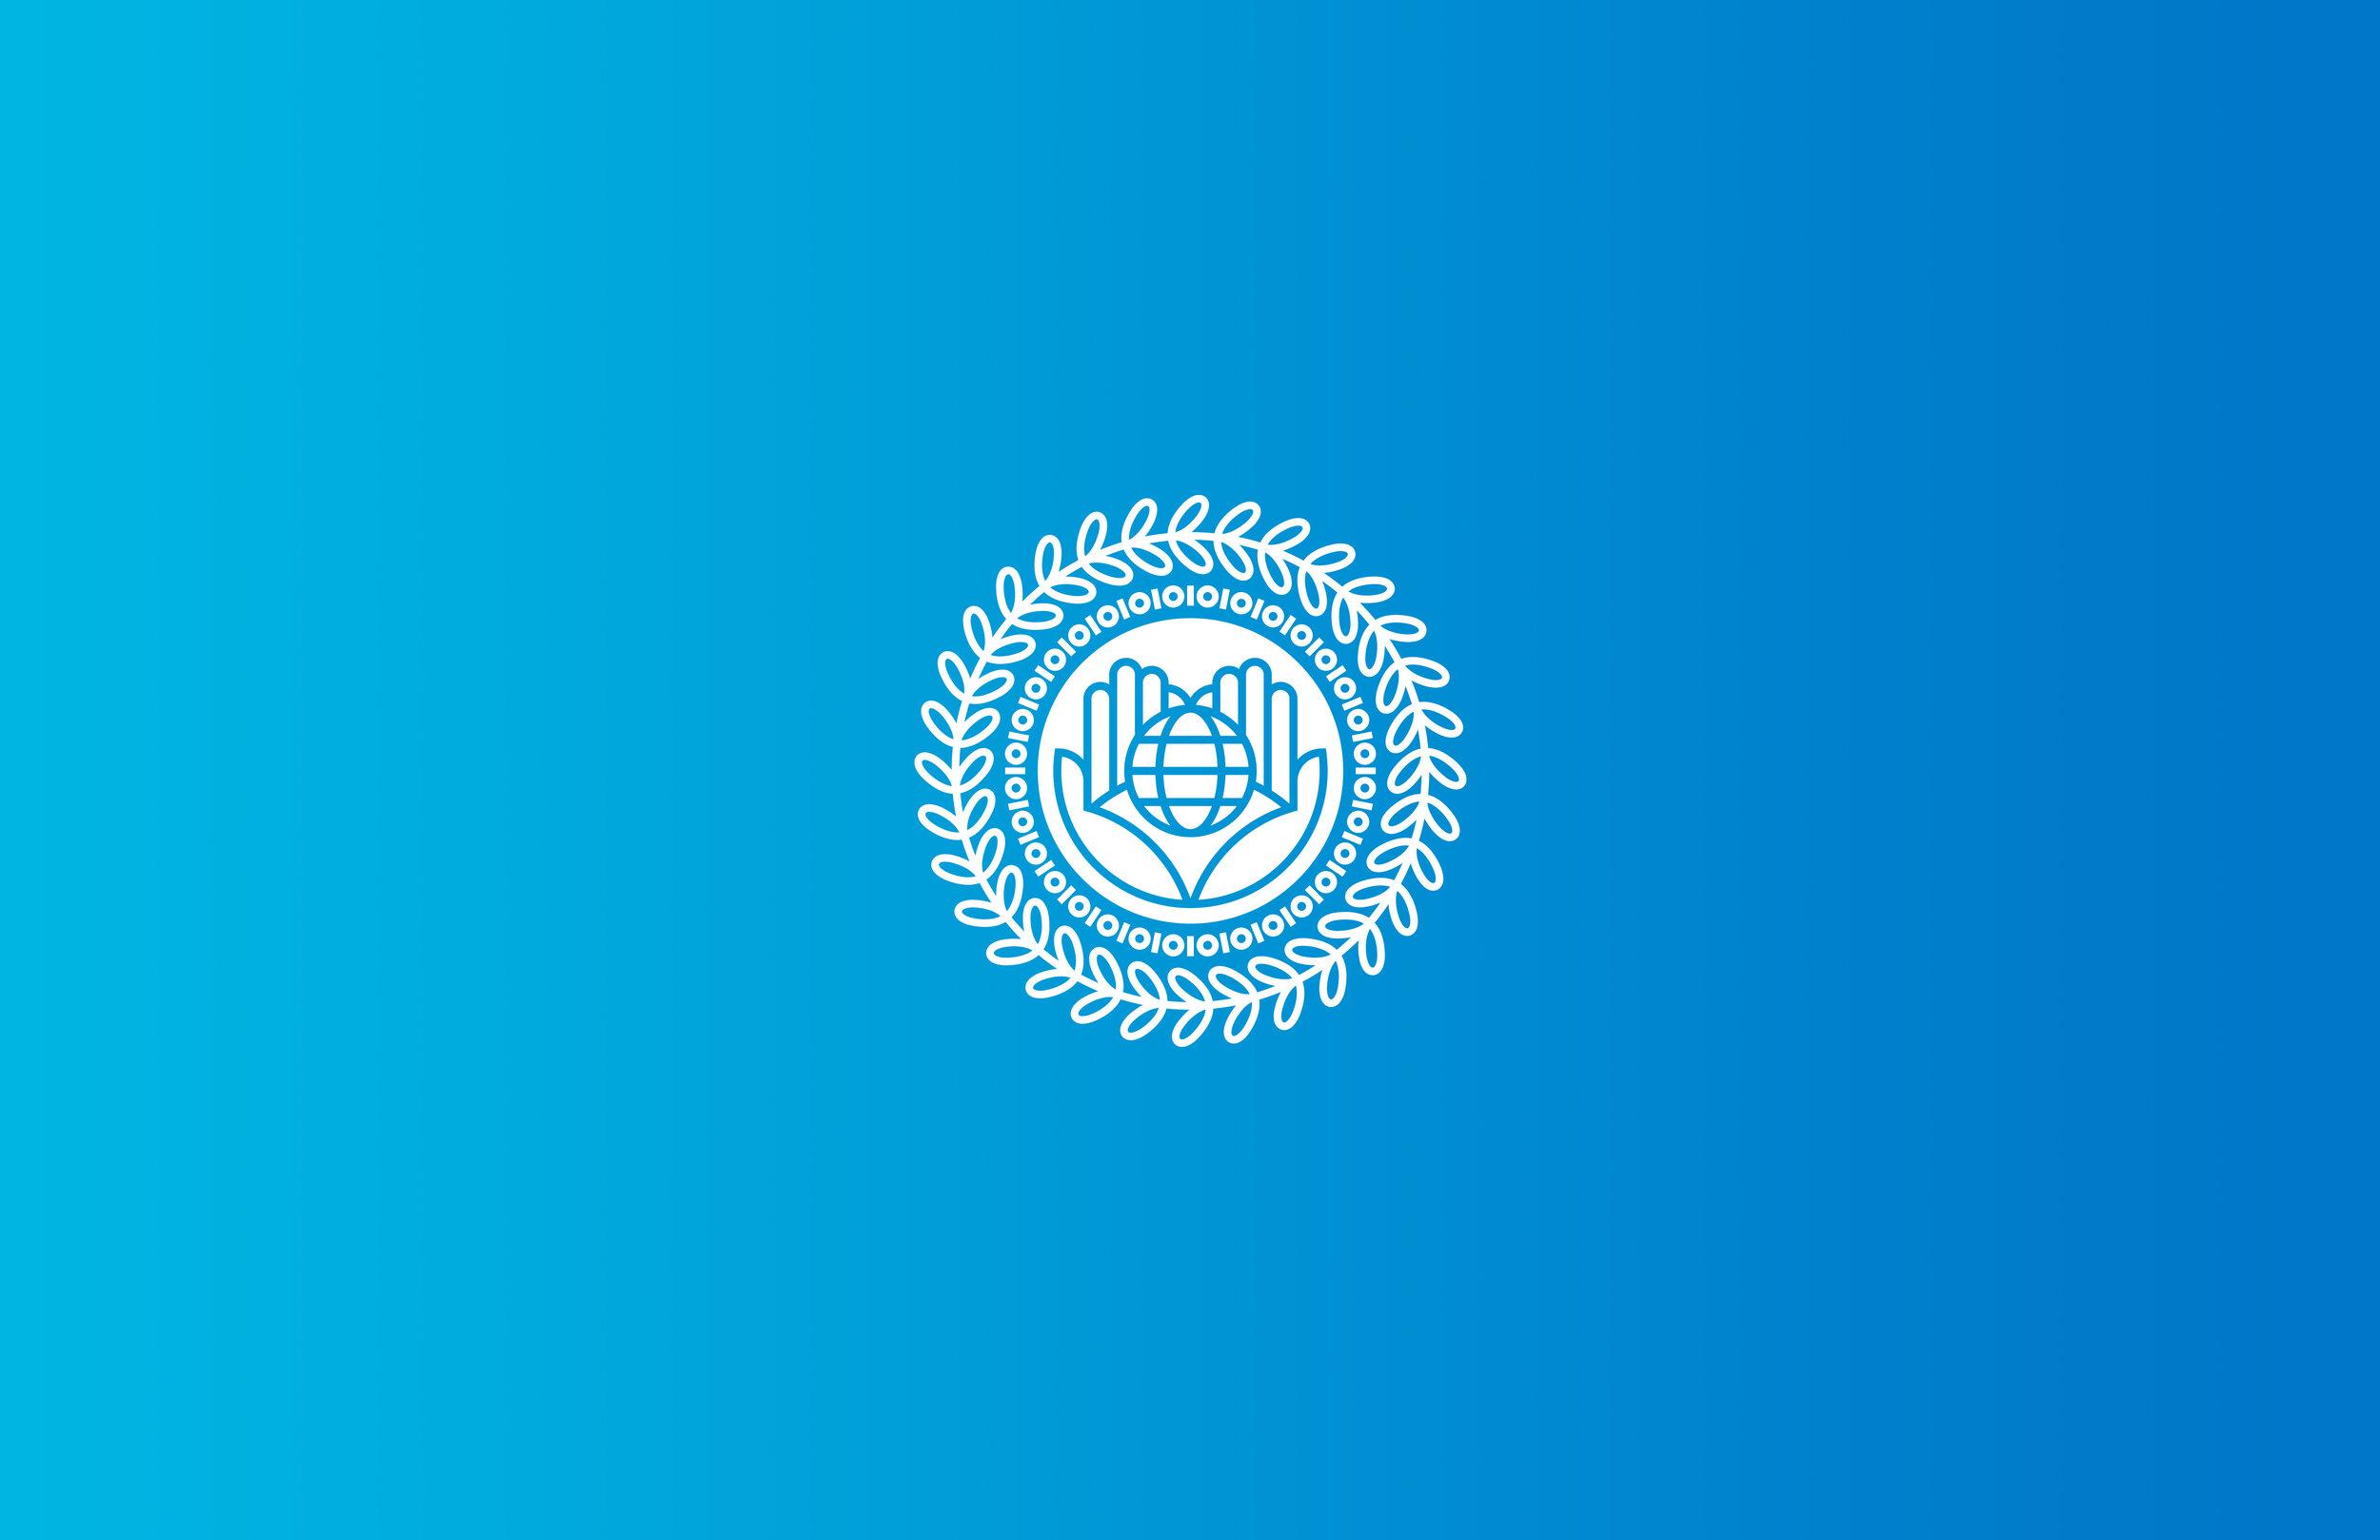 LogoMark_Gradient.jpg